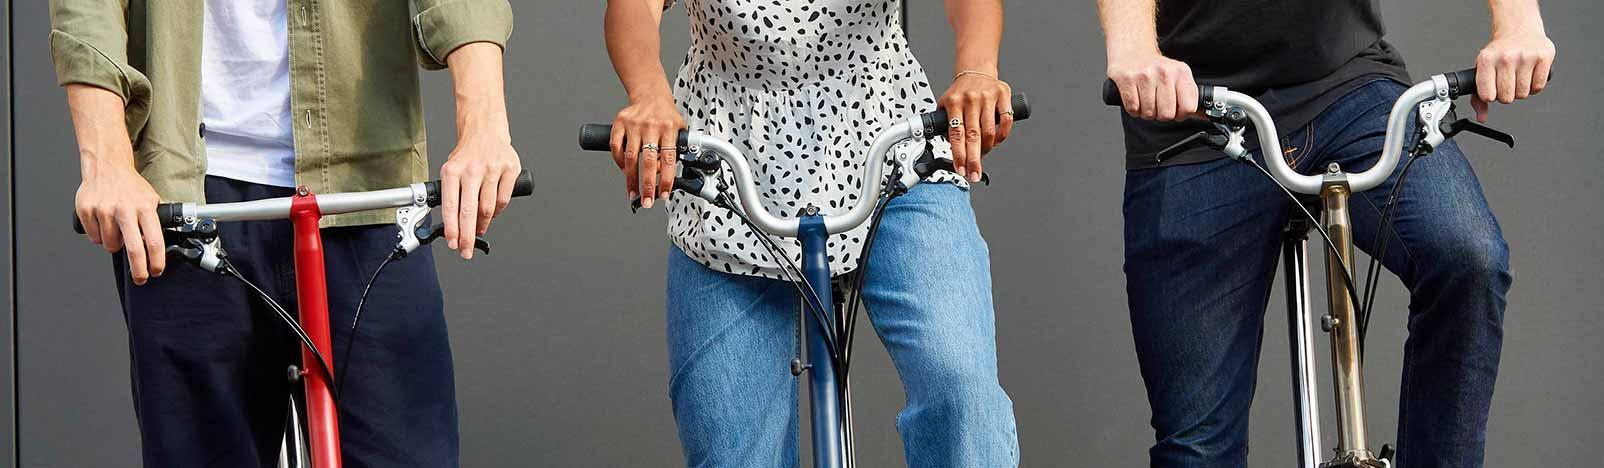 Help me choose brompton bicycle